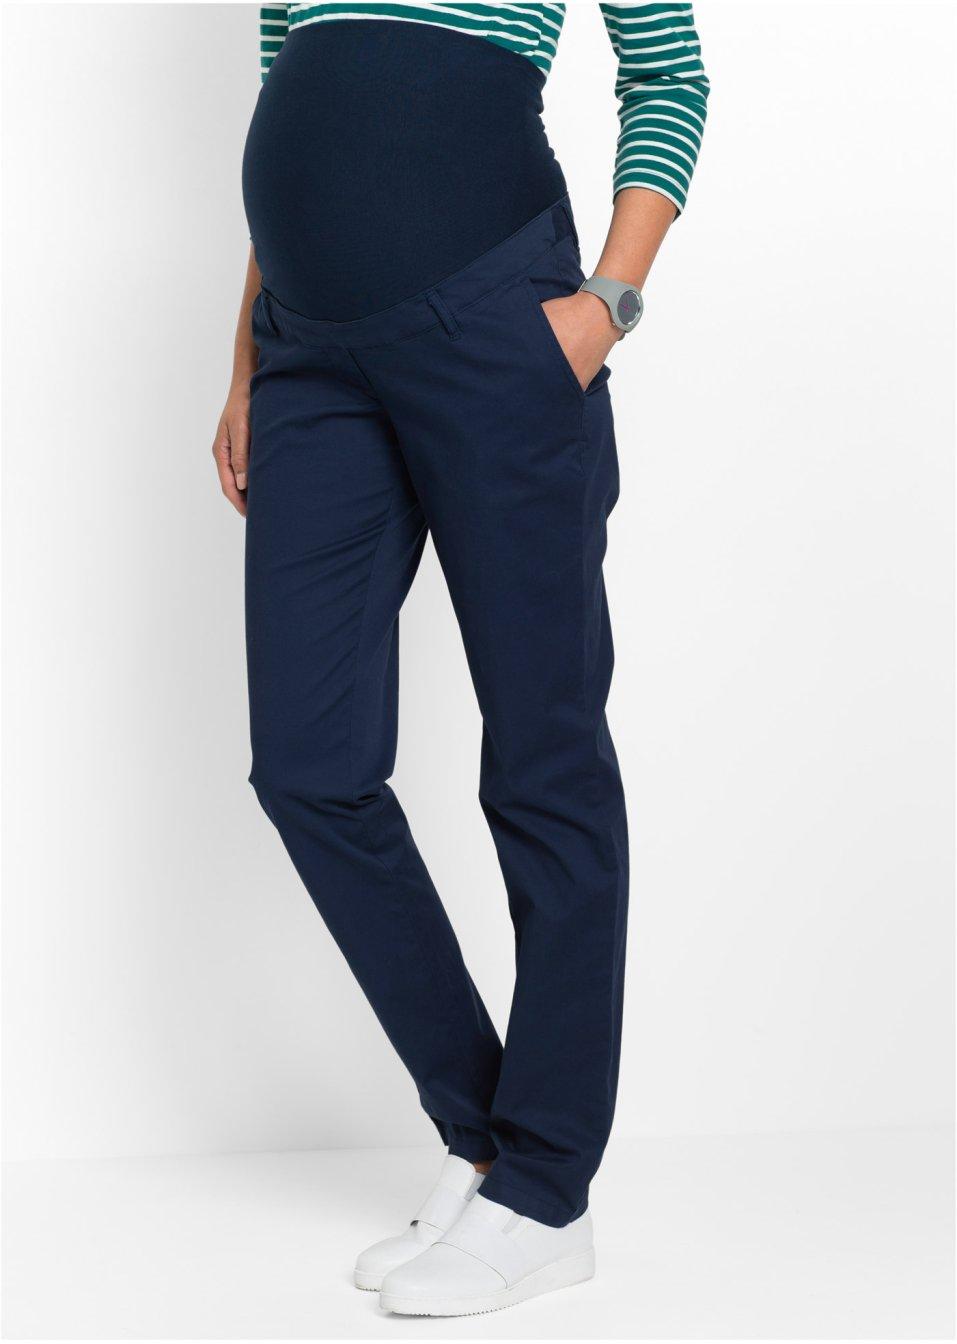 Umstandshose Umstandsmode Umstandshose-Jeans Schwarz neun 9 monate Große Größen